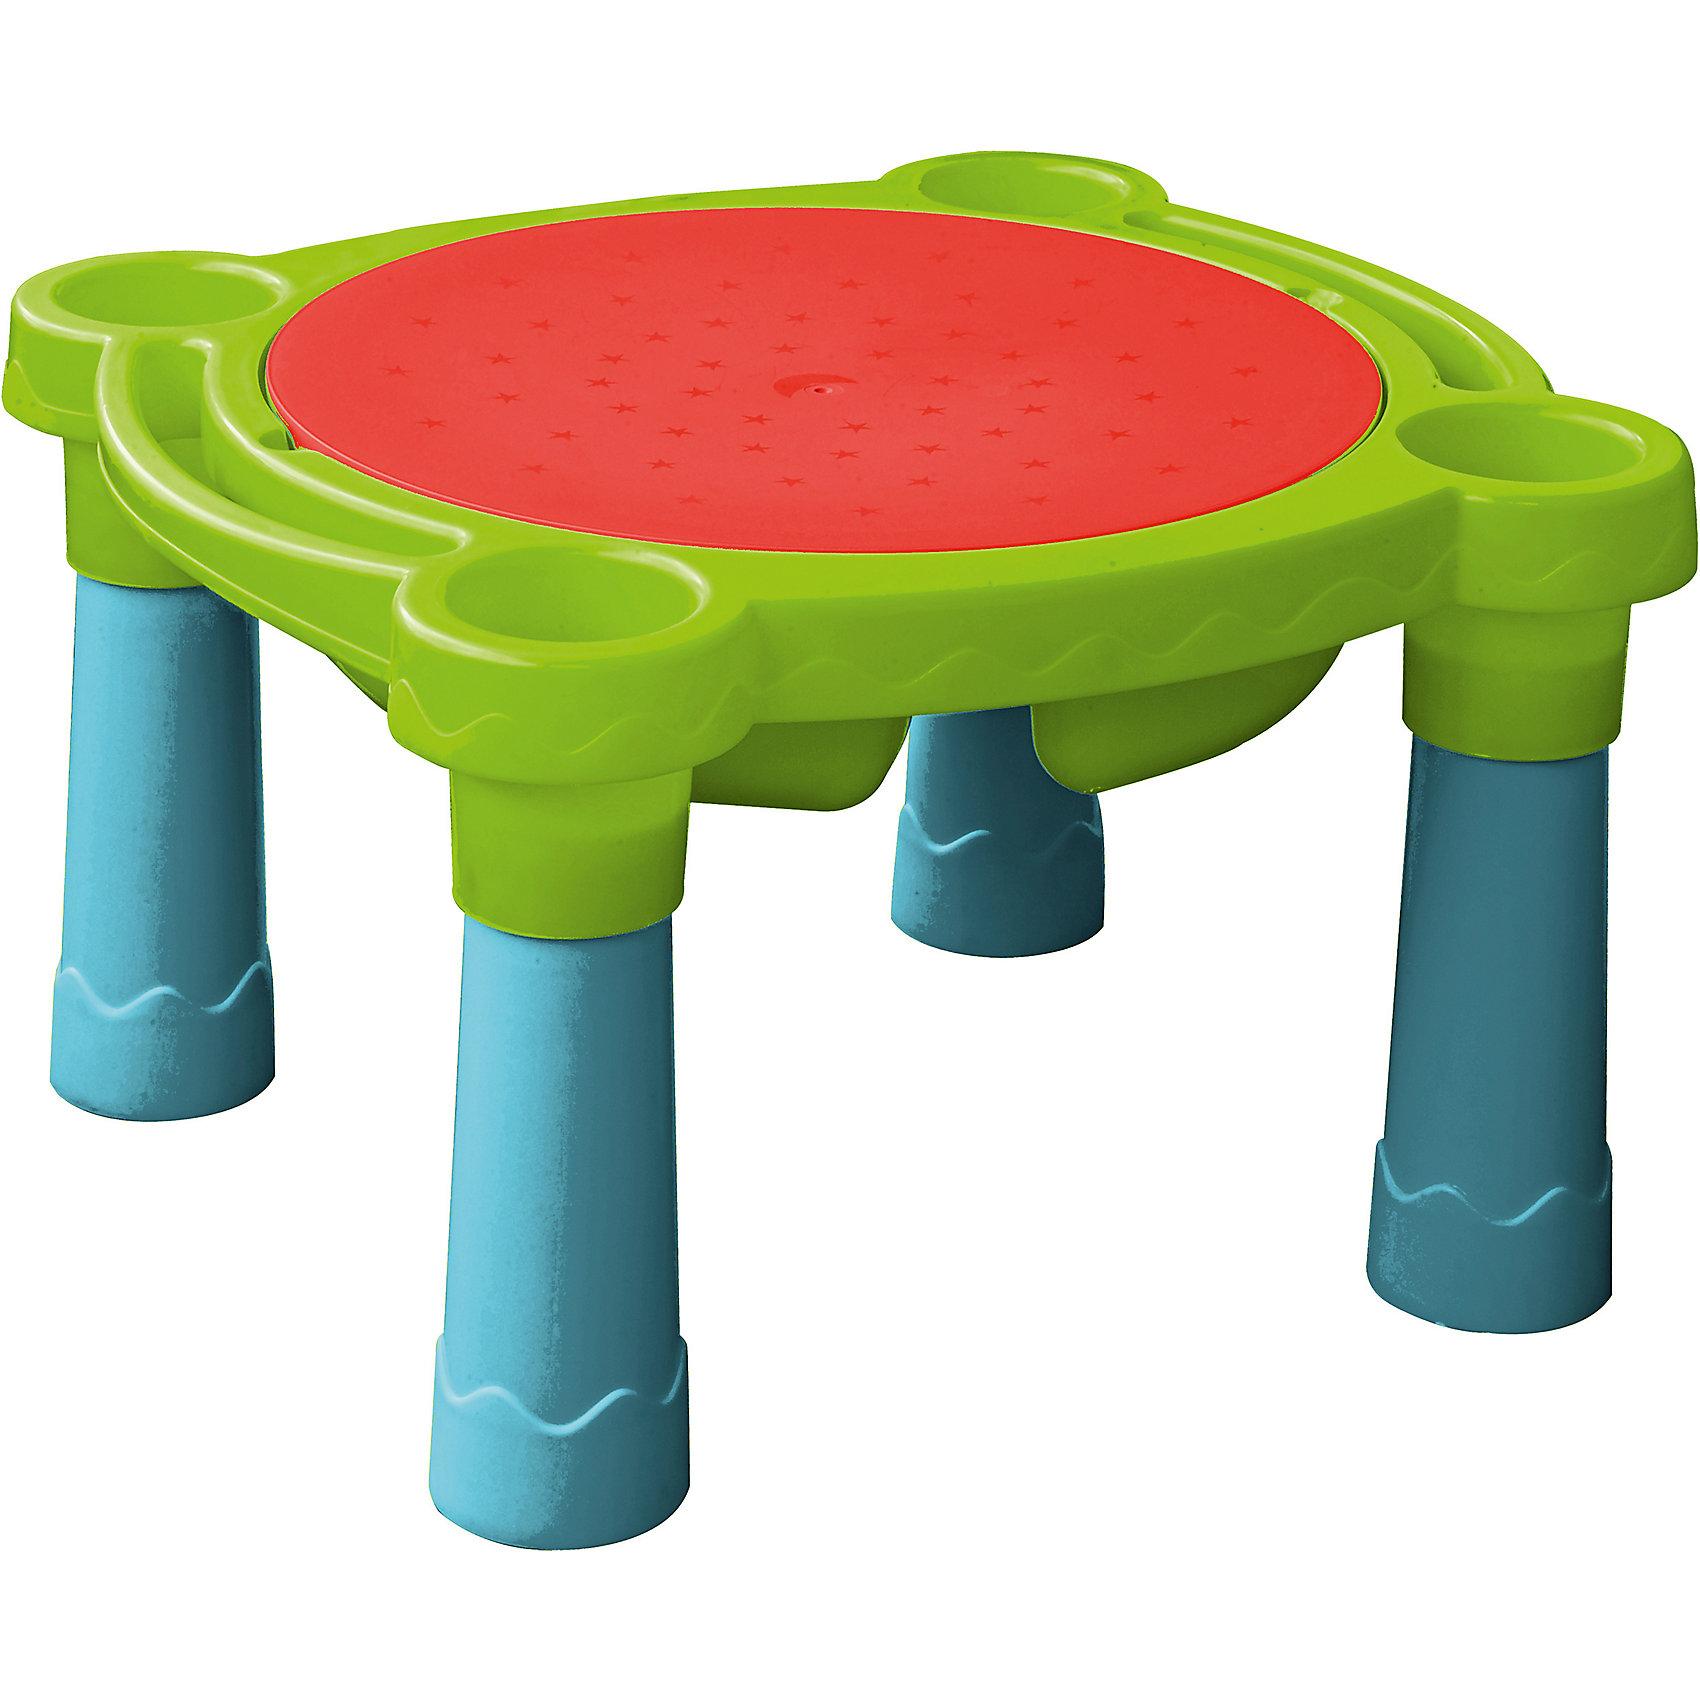 Игровой стол для воды и песка, MarianplastСтол Песок - Вода Marian Plast -стол-песочница с отделением для воды и песка, в который смогут играть сразу несколько ребятишек.<br><br>В столешнице 2 больших отделения (можно насыпать песочек или налить воды) и 4 небольших круглых по углам (для мелких игрушек).<br>Крышка из шершавого пластика просто укладывается сверху на столешницу, плотно прилегая. Теперь можно играть в любые настольные игры.<br>Ножки стола легко снимаются, и он превращается в обыкновенную песочницу, которую можно разместить на траве или песке. <br>Стол-песочница сделан из прочного, гипоаллергенного пластика, с соблюдением европейского стандарта качества и безопасности для детских товаров <br><br>Дополнительная информация:<br><br>- В комплект входят: столешница; крышка; 4 ножки. <br>- Размер упаковки: 77х66х15h см.<br>Размер в собранном виде: столика 74х66х44h см, без ножек - 74х66х15h см; крышка - диаметр 56 см. <br>- Вес: 3,7 кг, с упаковкой 4,5 кг<br><br>Ширина мм: 765<br>Глубина мм: 680<br>Высота мм: 175<br>Вес г: 4420<br>Возраст от месяцев: 24<br>Возраст до месяцев: 144<br>Пол: Унисекс<br>Возраст: Детский<br>SKU: 2442789